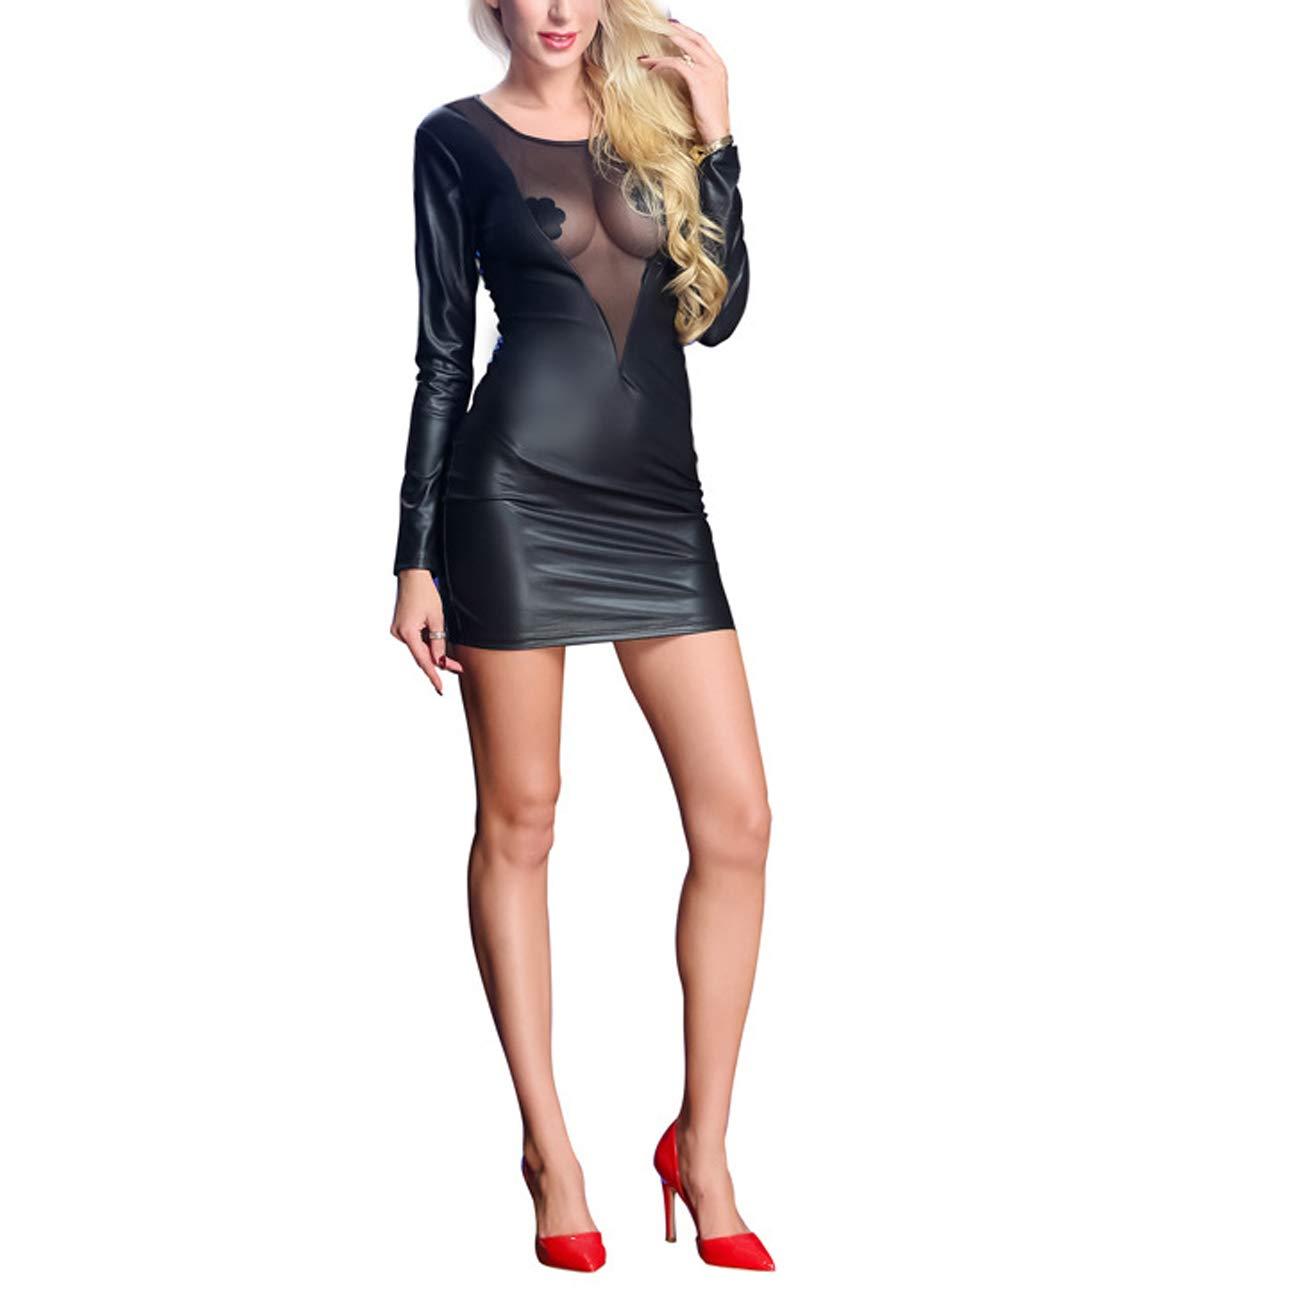 Tenxin Lencería Sexy, Mujeres De Cuero Se Ahuequen Ven Sexy Ahuequen Se El Vestido Clubwear Siamés Sexy Ropa Interior Sexy Moda Hermosa Lencería Adulta 1e145a